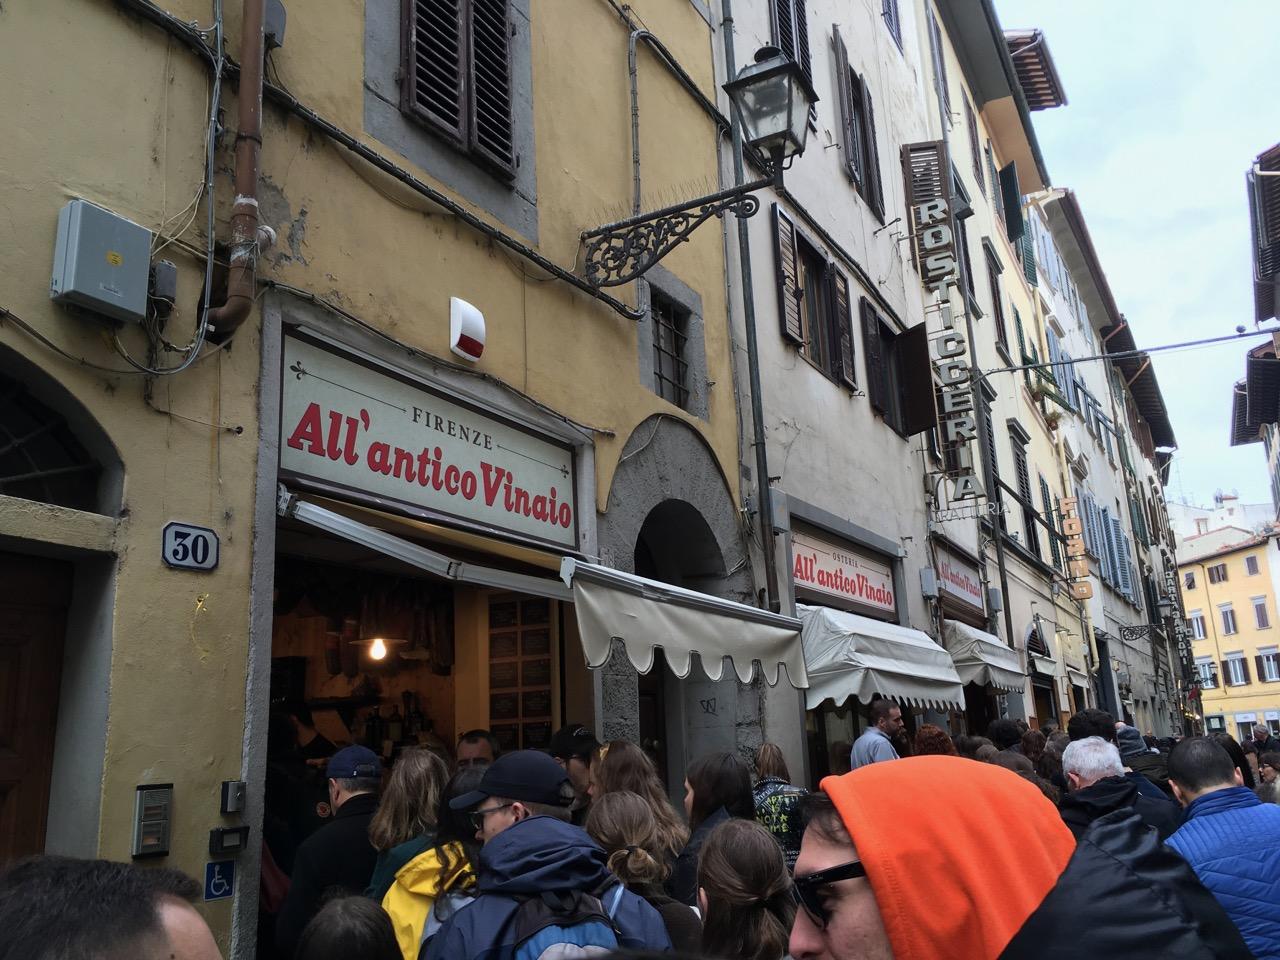 靠近乌菲兹美术馆的一家网红小吃店,叫做All' Antico Vinaio,卖帕尼尼三明治的,好多人买完了后拿着拍照